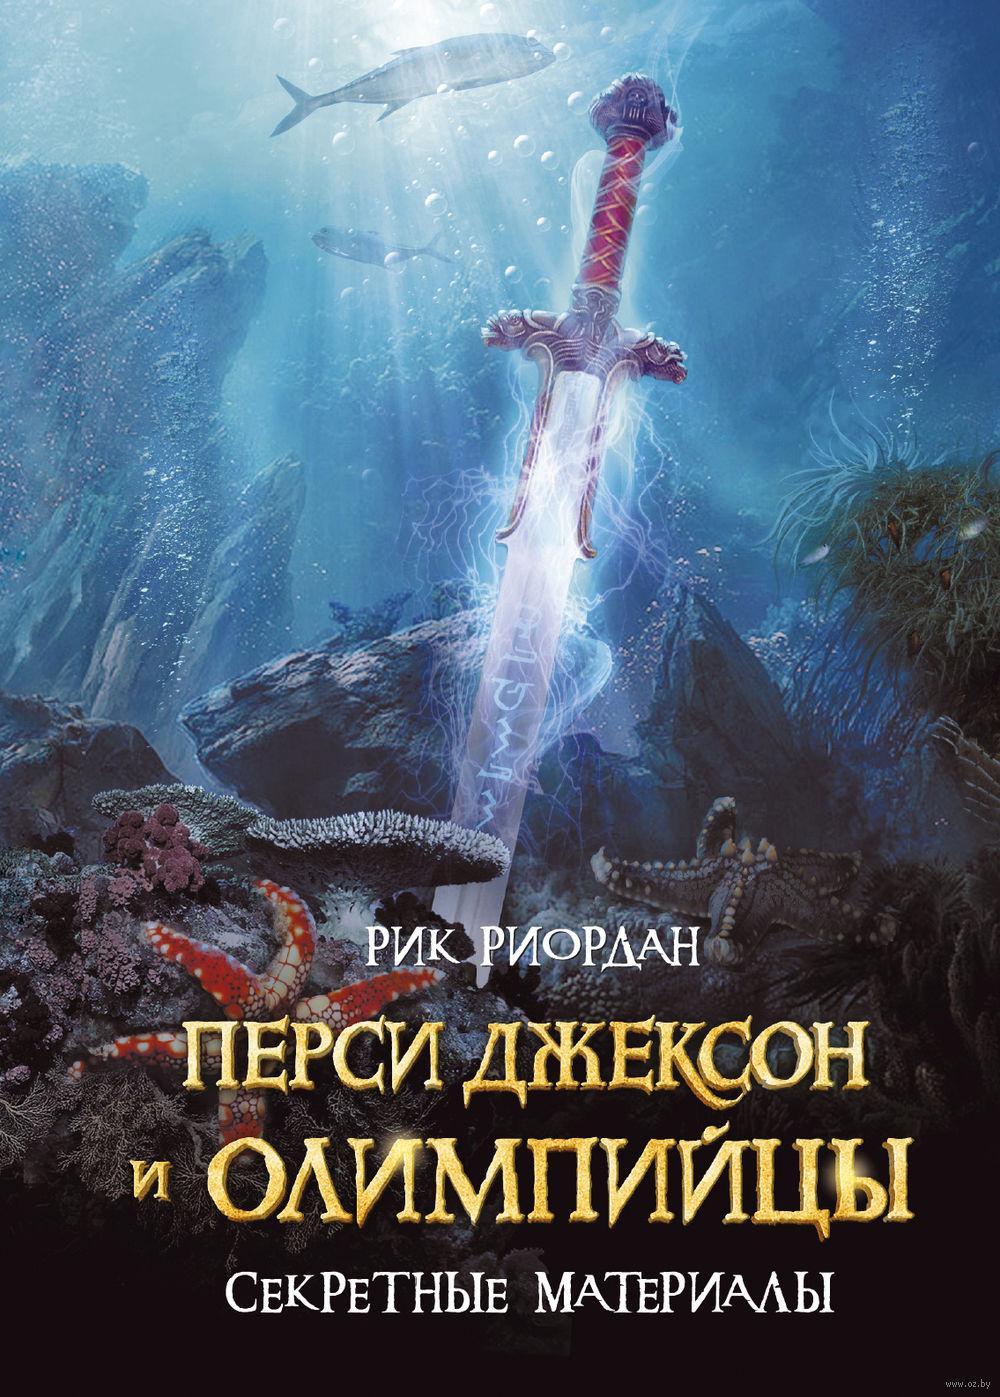 Скачать книгу перси джексон и меч аида